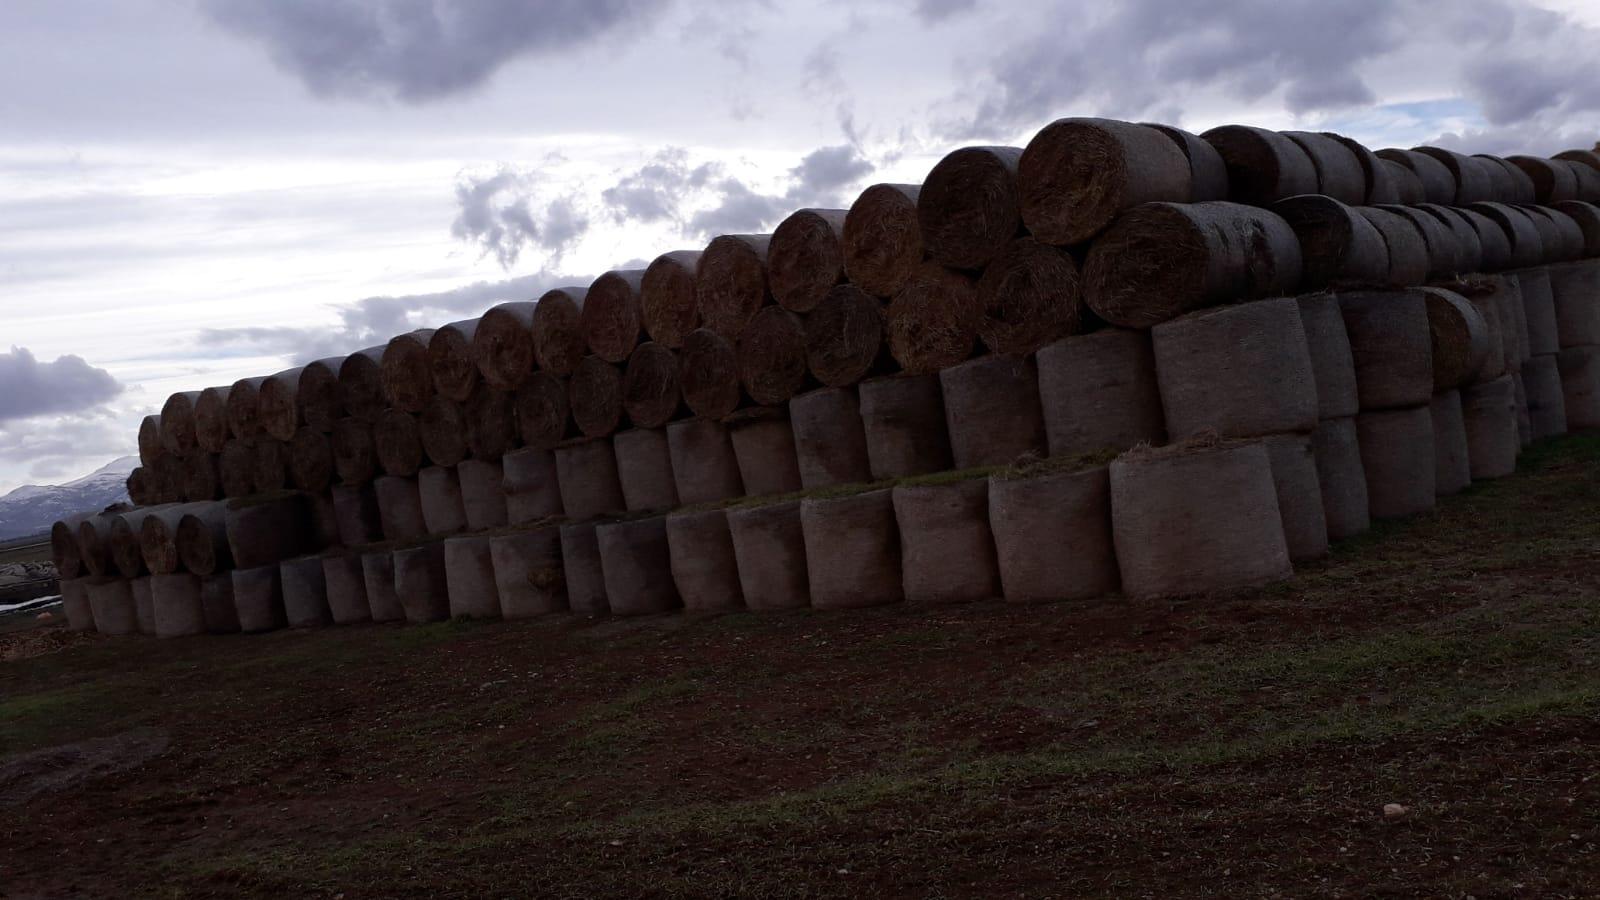 Satılık Buğday samanı - 3463